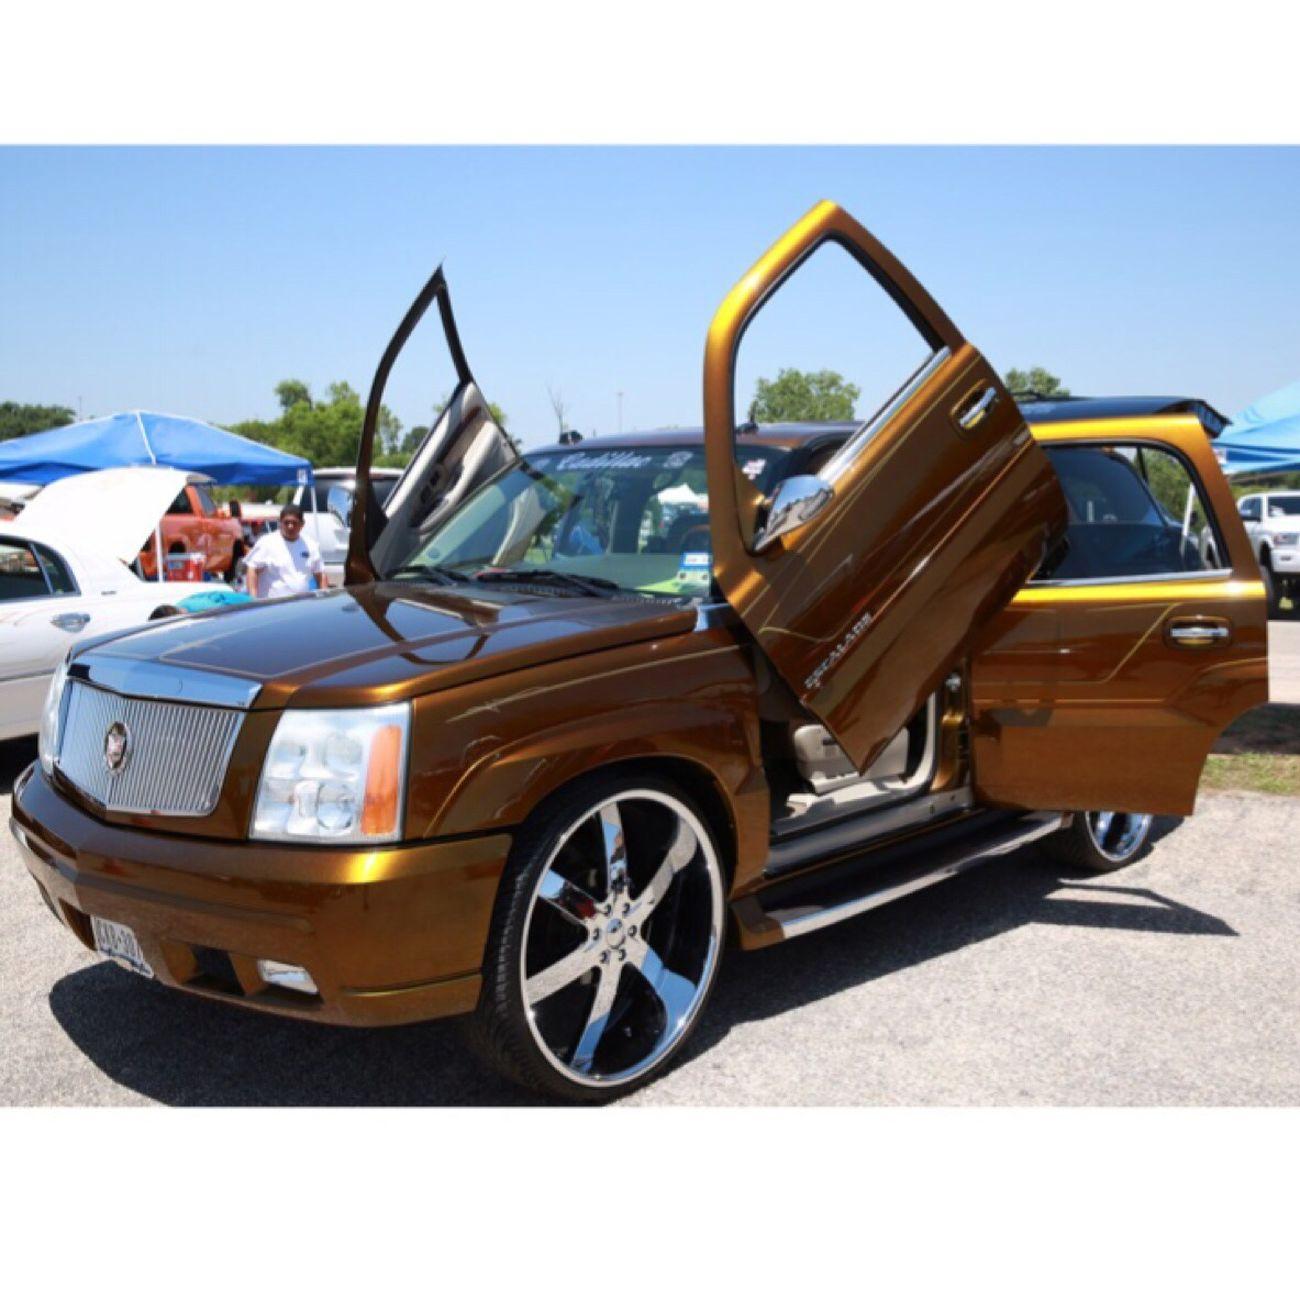 Cars CarShow Texasheatwave2014 Austin Texas